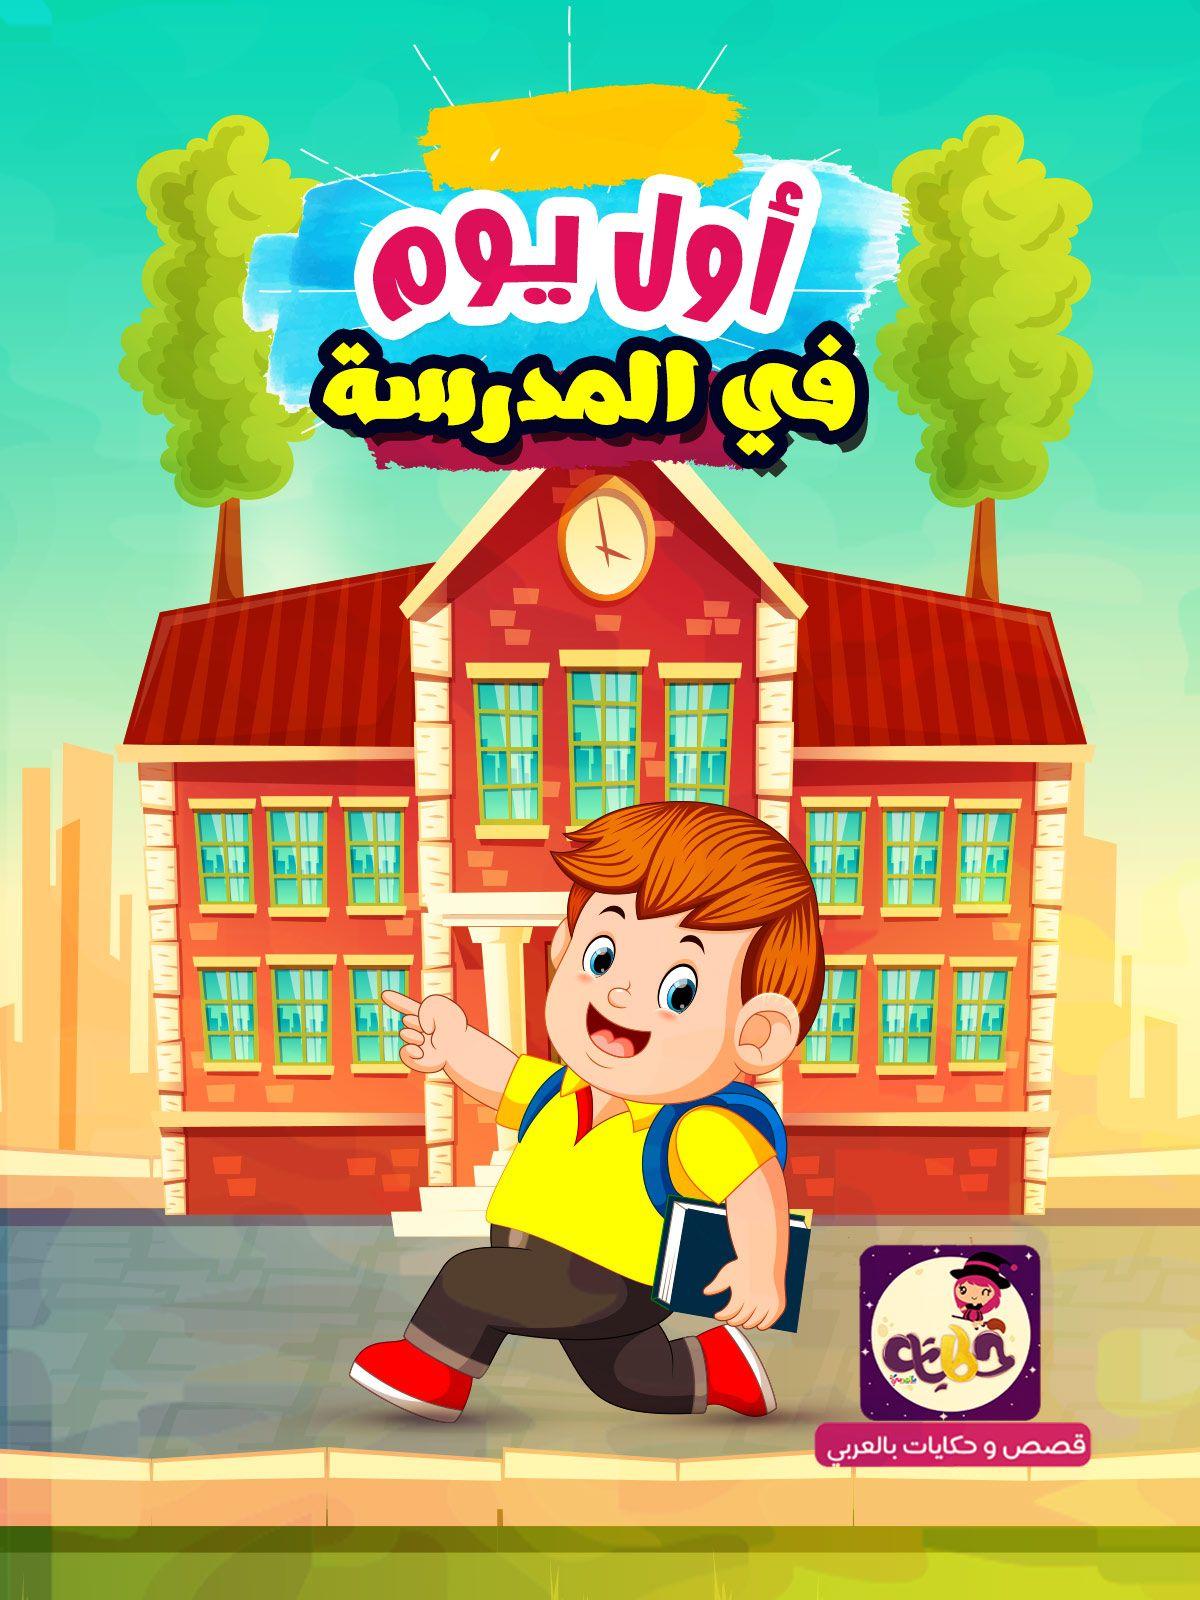 قصة قصيرة عن اول يوم في المدرسة قصص للاطفال عن حب المدرسة تطبيق حكايات بالعربي Arabic Kids Stories For Kids Quiet Book Patterns